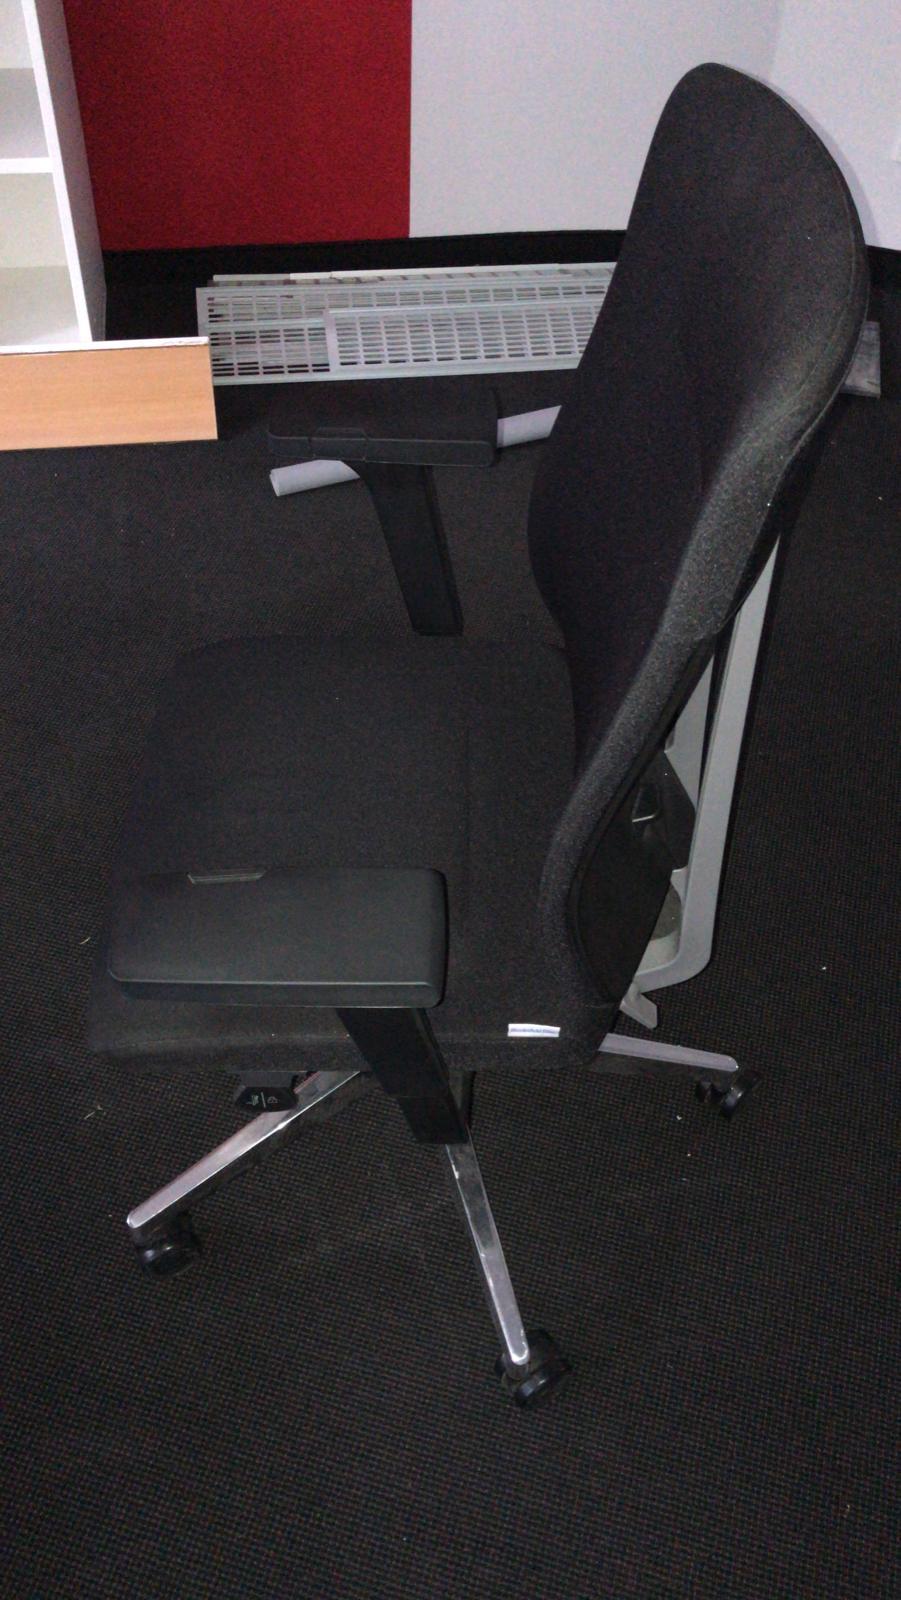 zu sehen: schwarzer Bürostuhl mit hoher Kopflehne und links und rechts Armlehnen